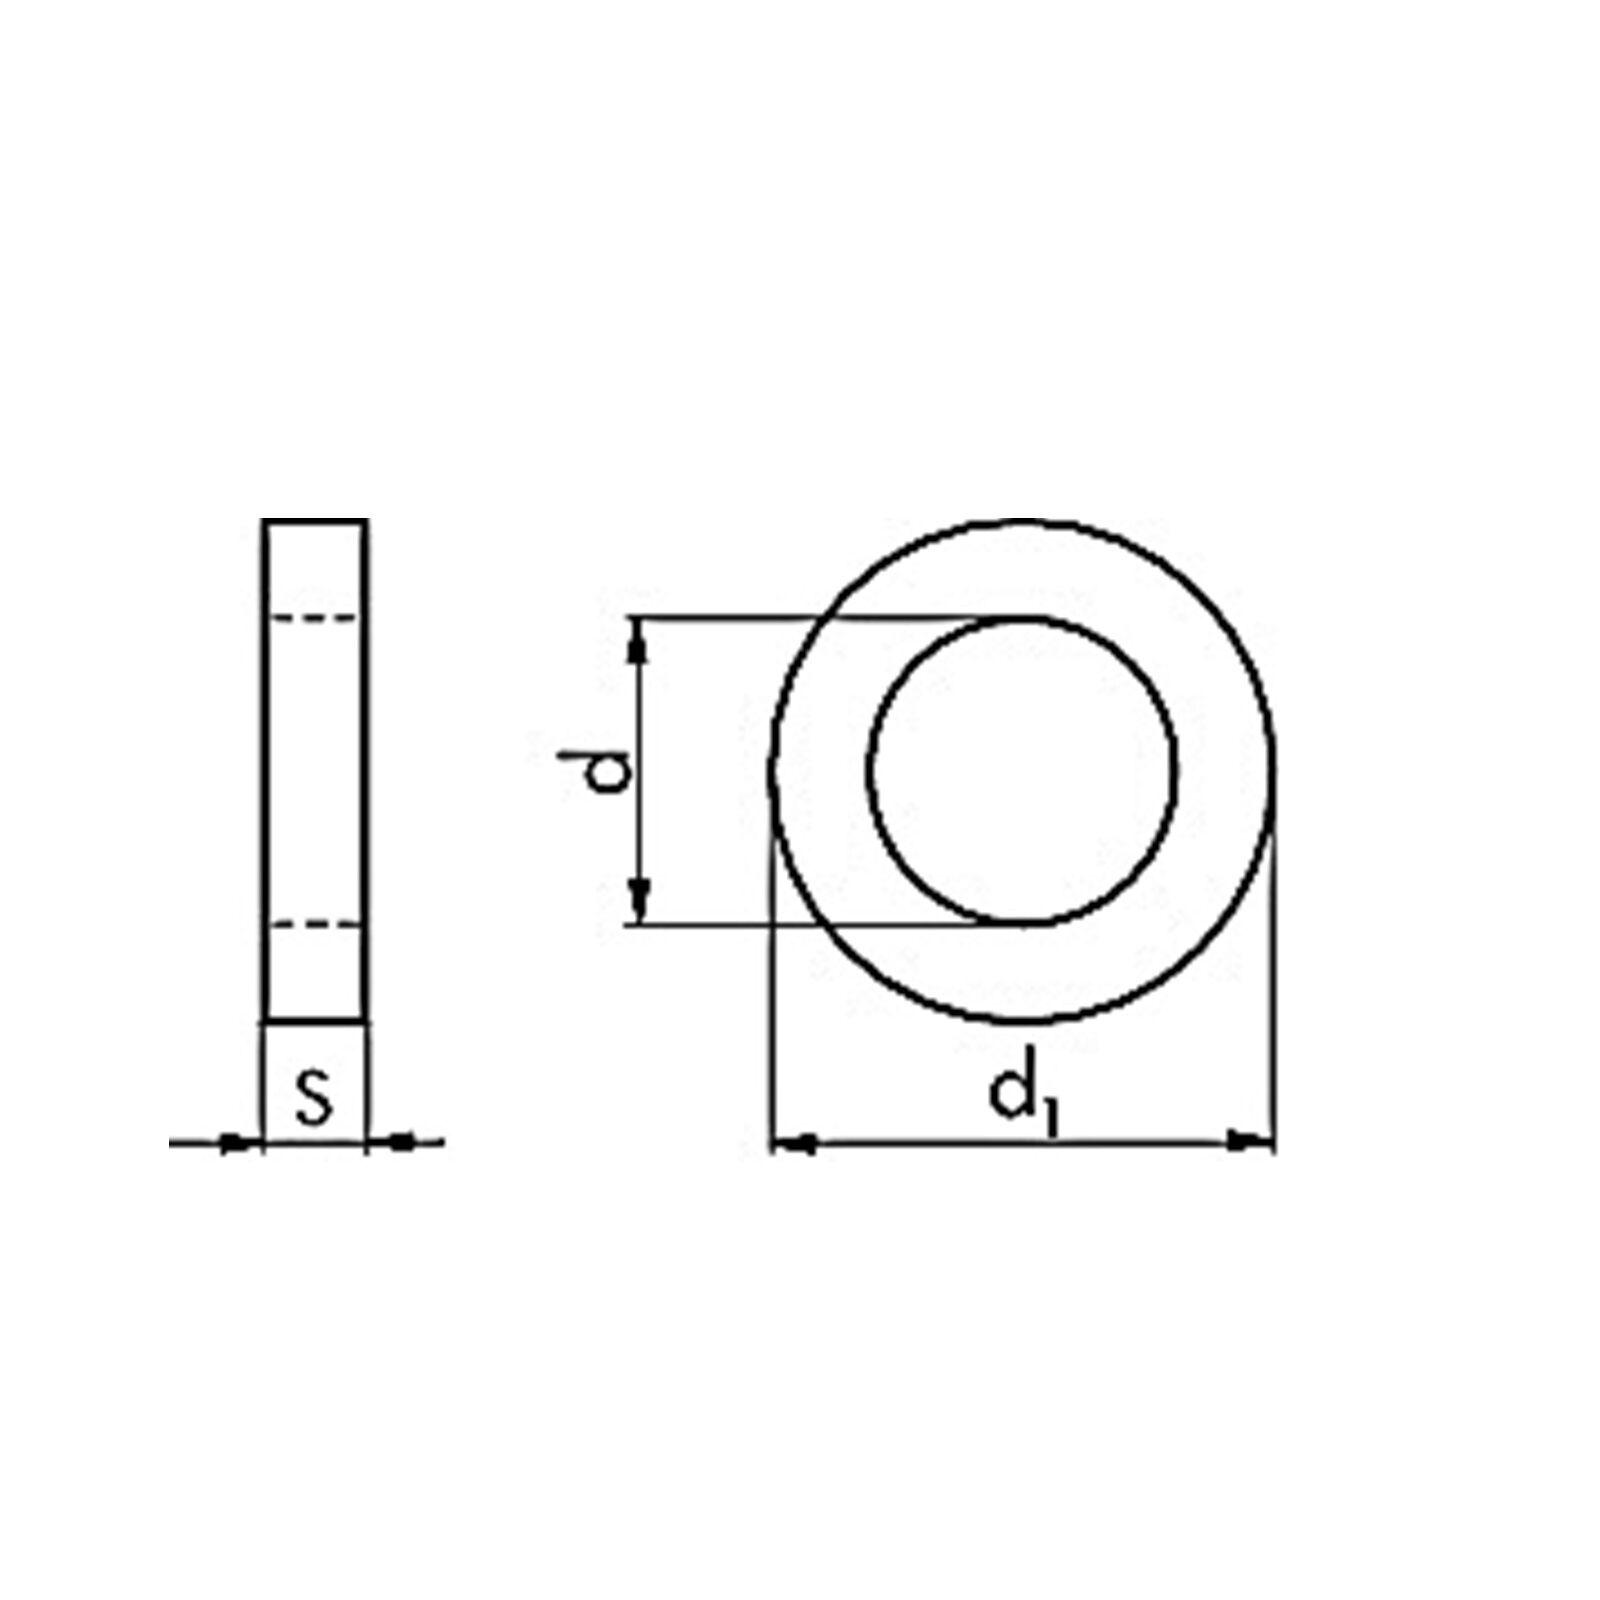 Ausgleichs-Scheibe  Passscheibe DIN DIN DIN 988, blank (Distanzscheibe)versch.Abmess.(2) | Bekannt für seine schöne Qualität  65a11a